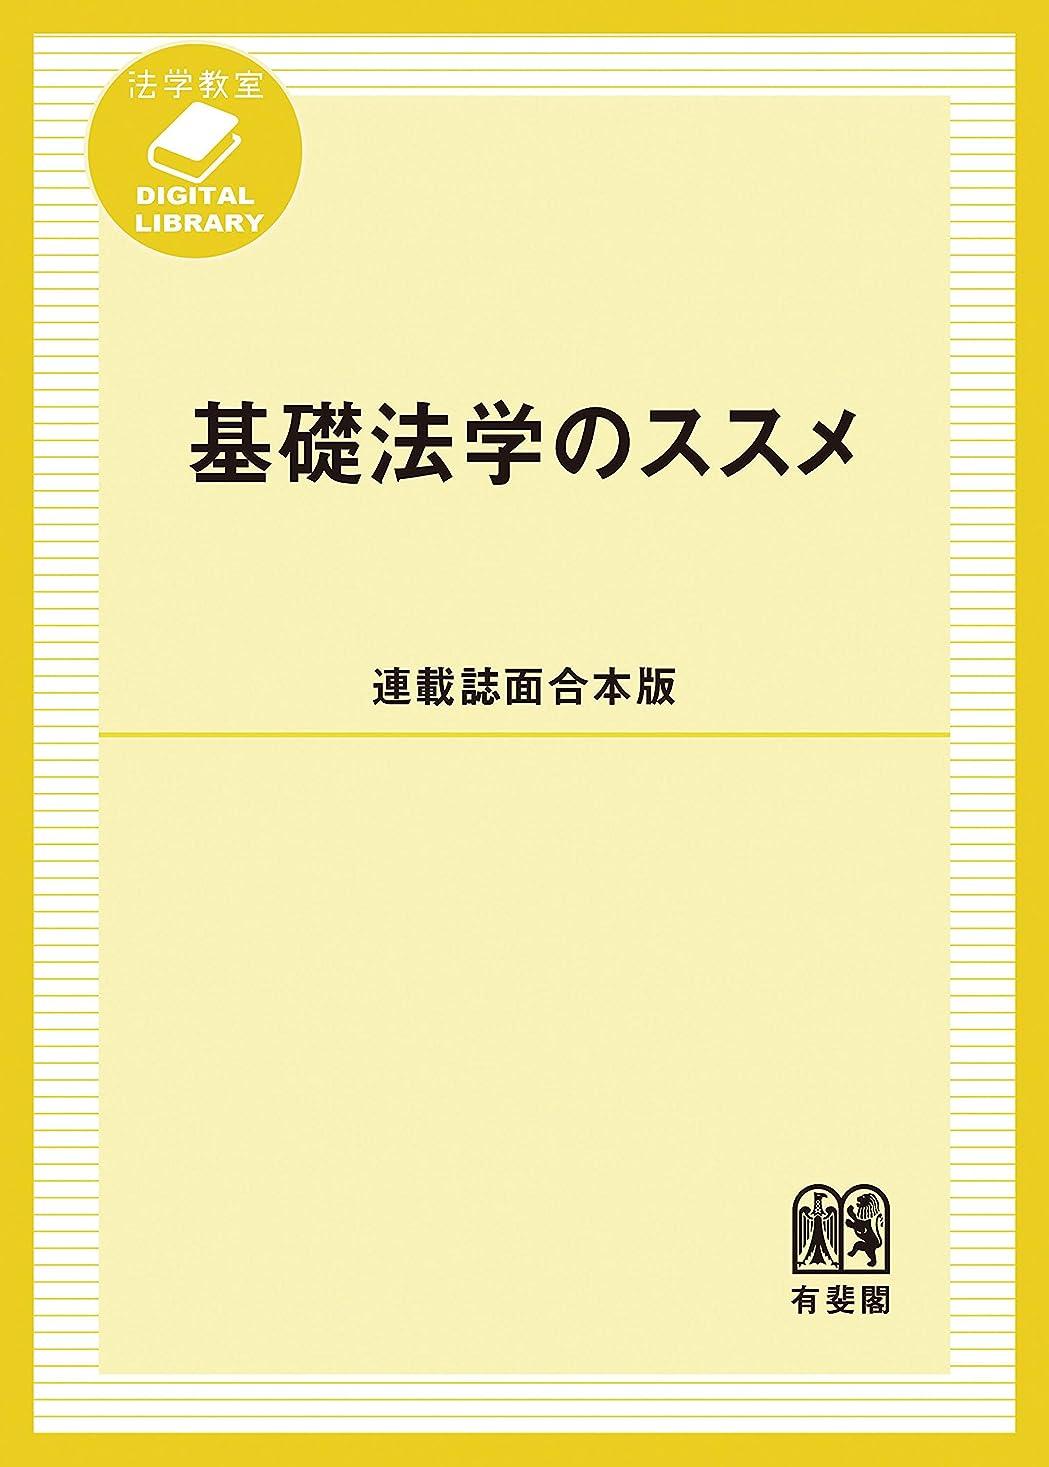 補う根絶する確かめる基礎法学のススメ 法学教室DIGITAL LIBRARY